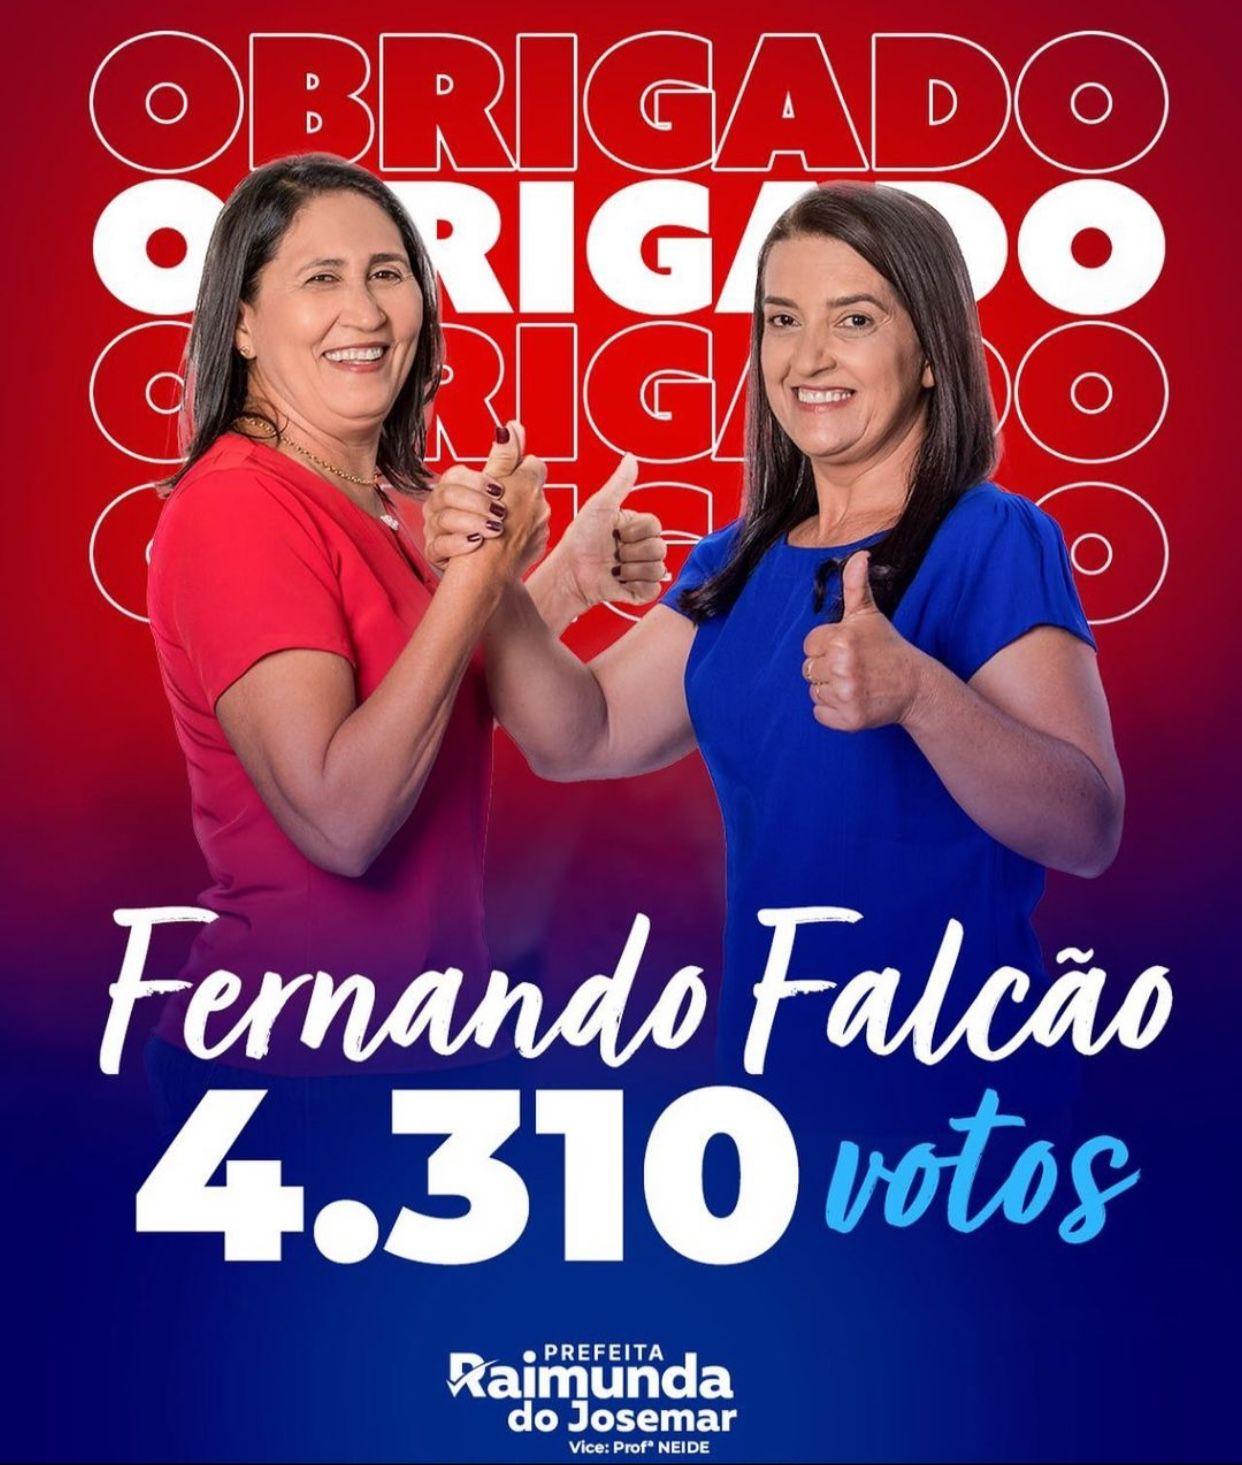 Prefeito Adailton mostra força e grupo Cavalcante elege Raimunda do Josemar prefeita de Fernando Falcão